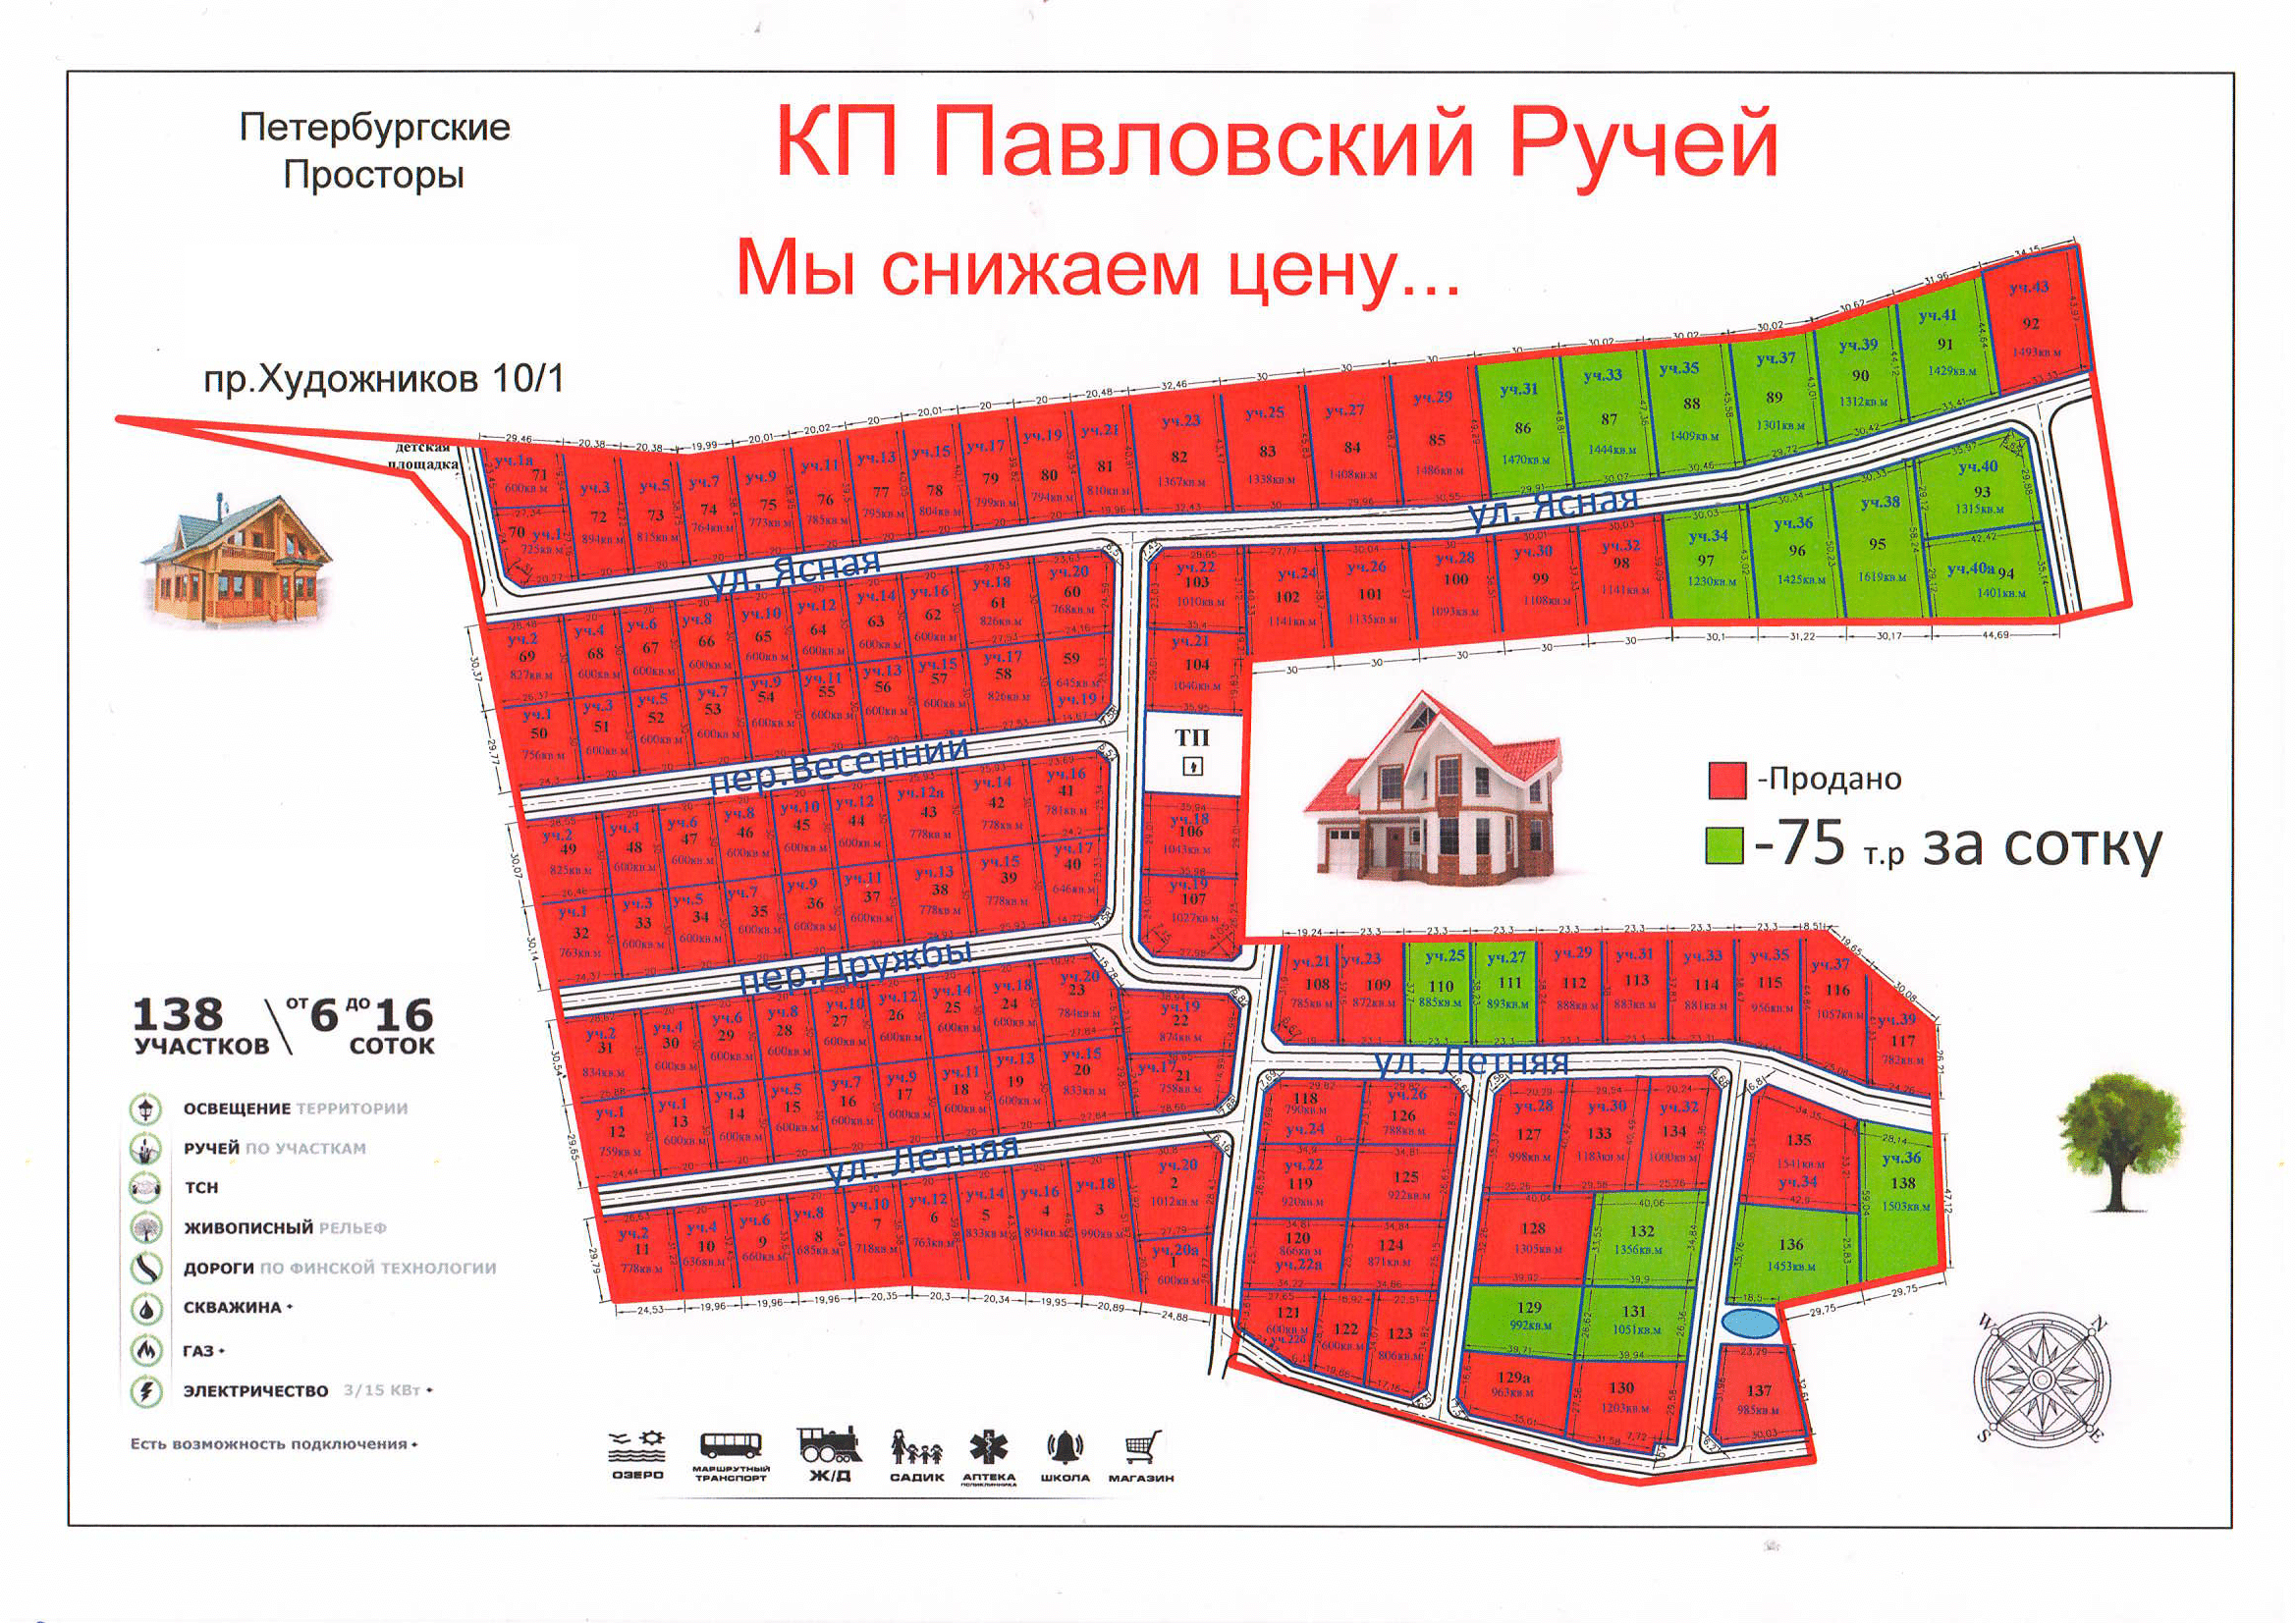 Генеральный план Павловский ручей